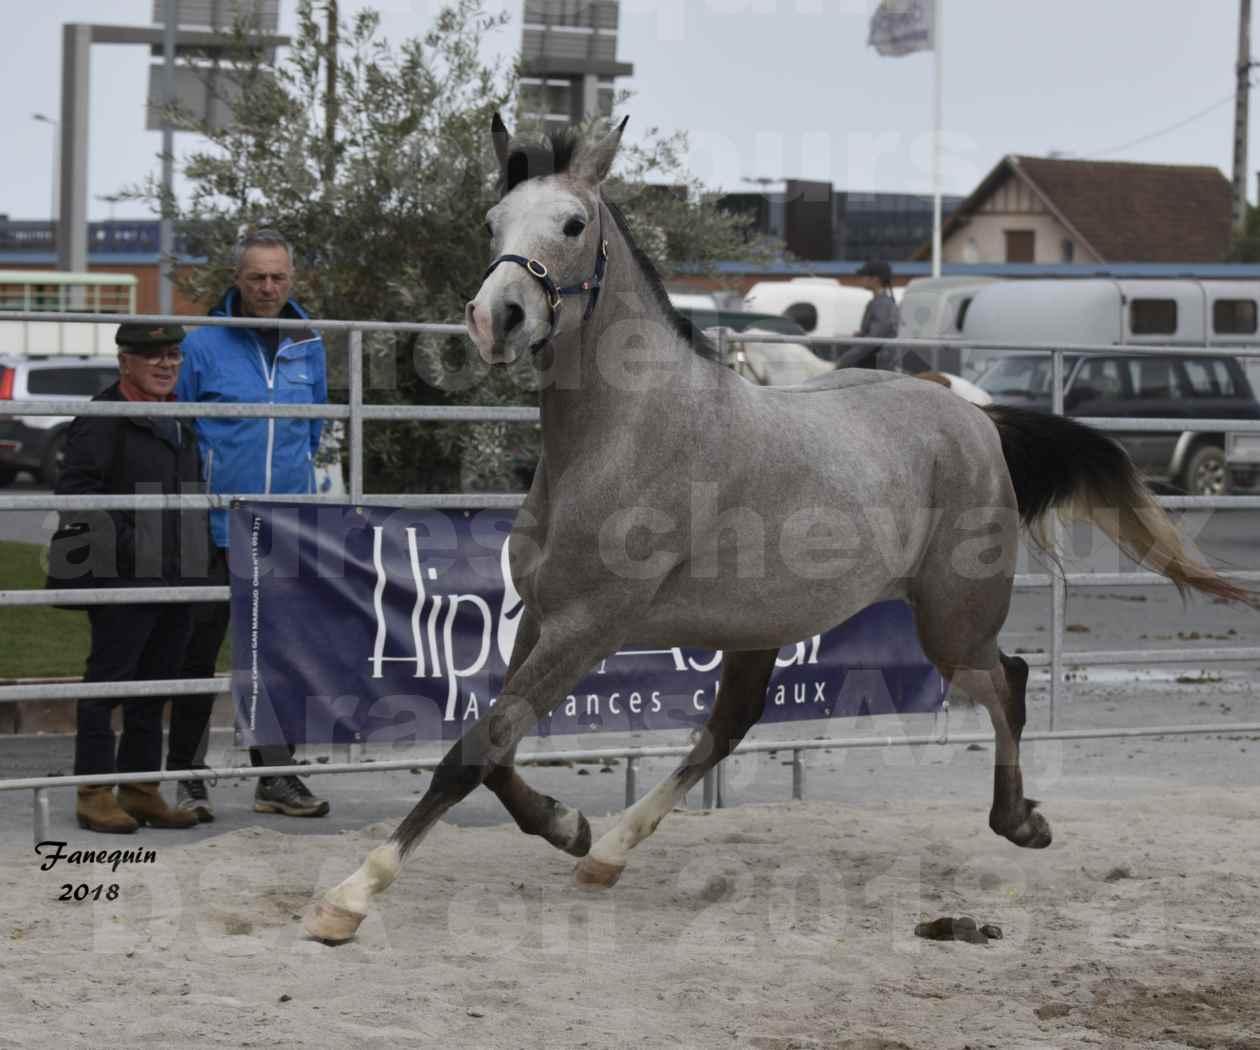 Concours d'élevage de Chevaux Arabes - D. S. A. - A. A. - ALBI les 6 & 7 Avril 2018 - FESIHAMKA ARTAGNAN - Notre Sélection - 7